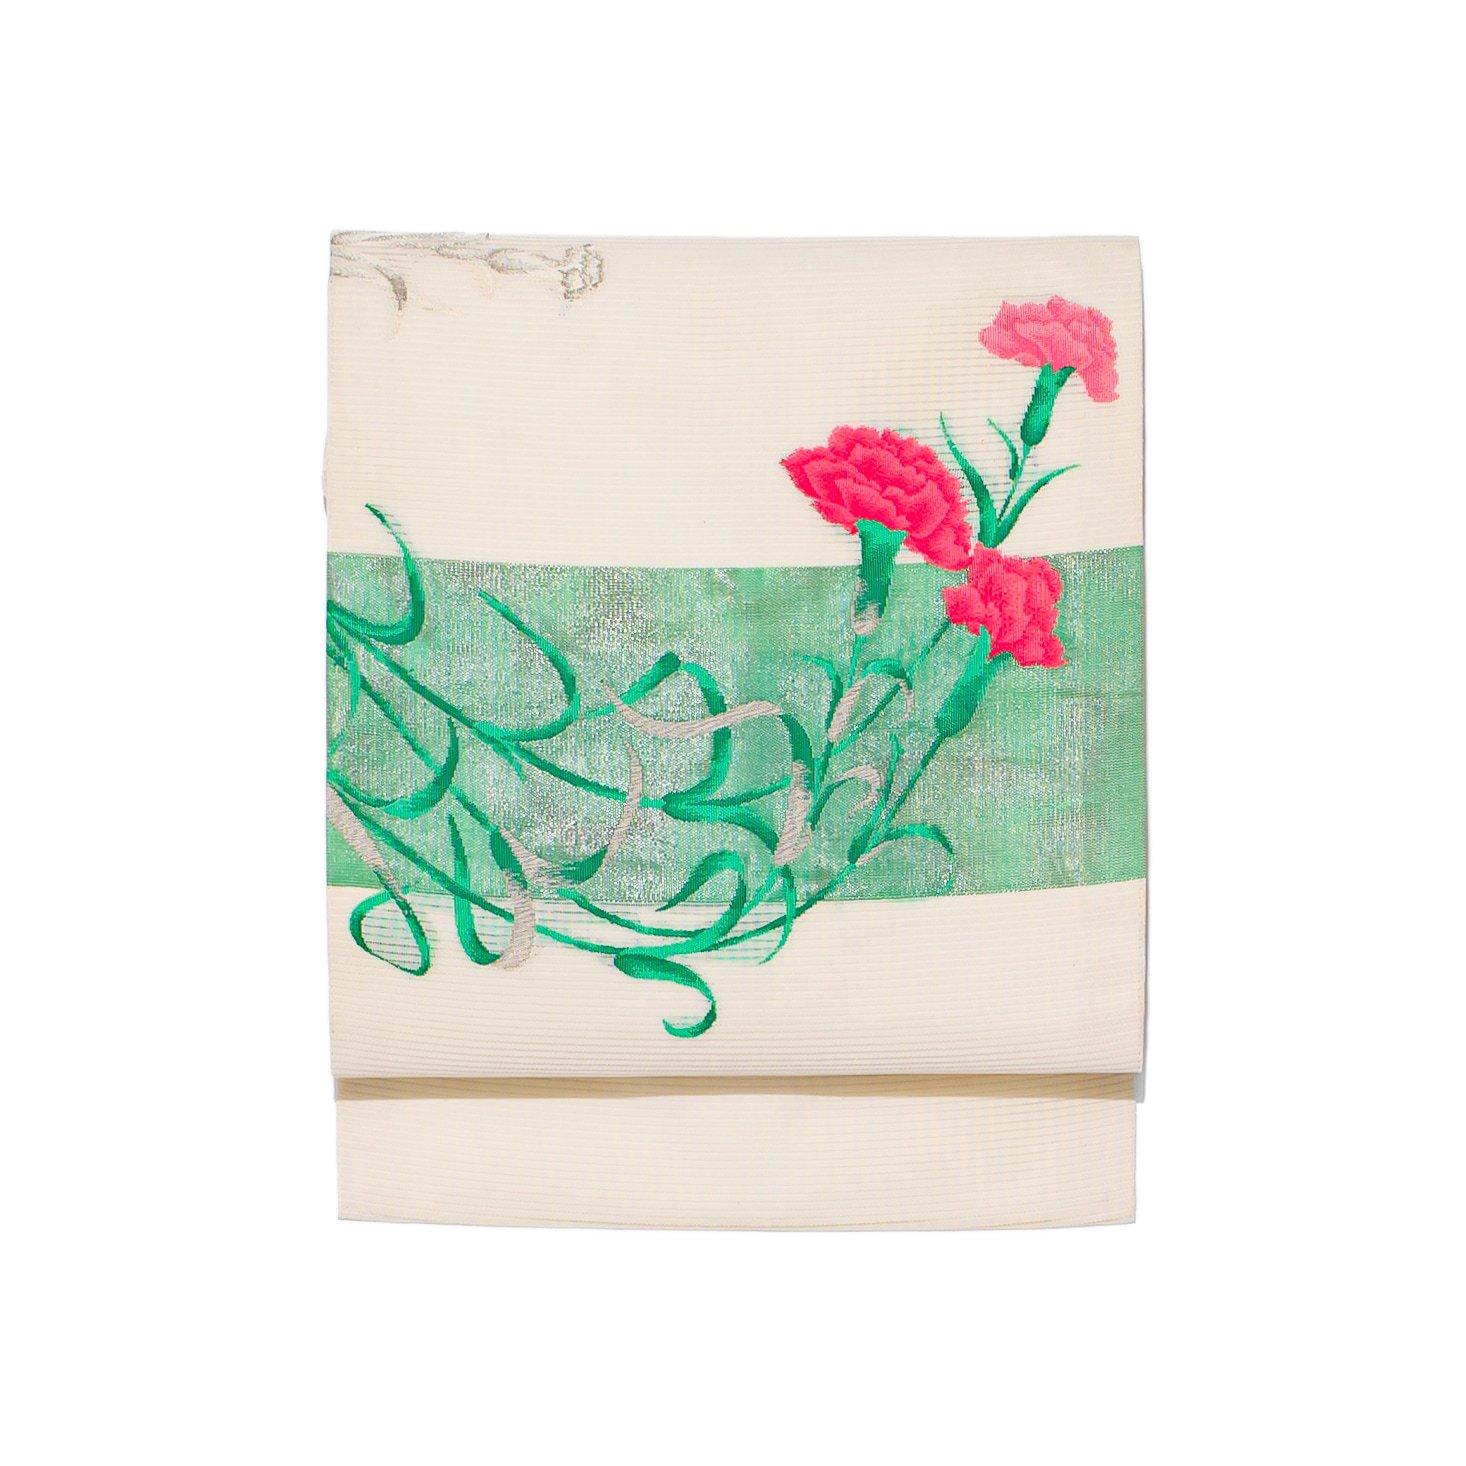 「夏帯 カーネーション」の商品画像